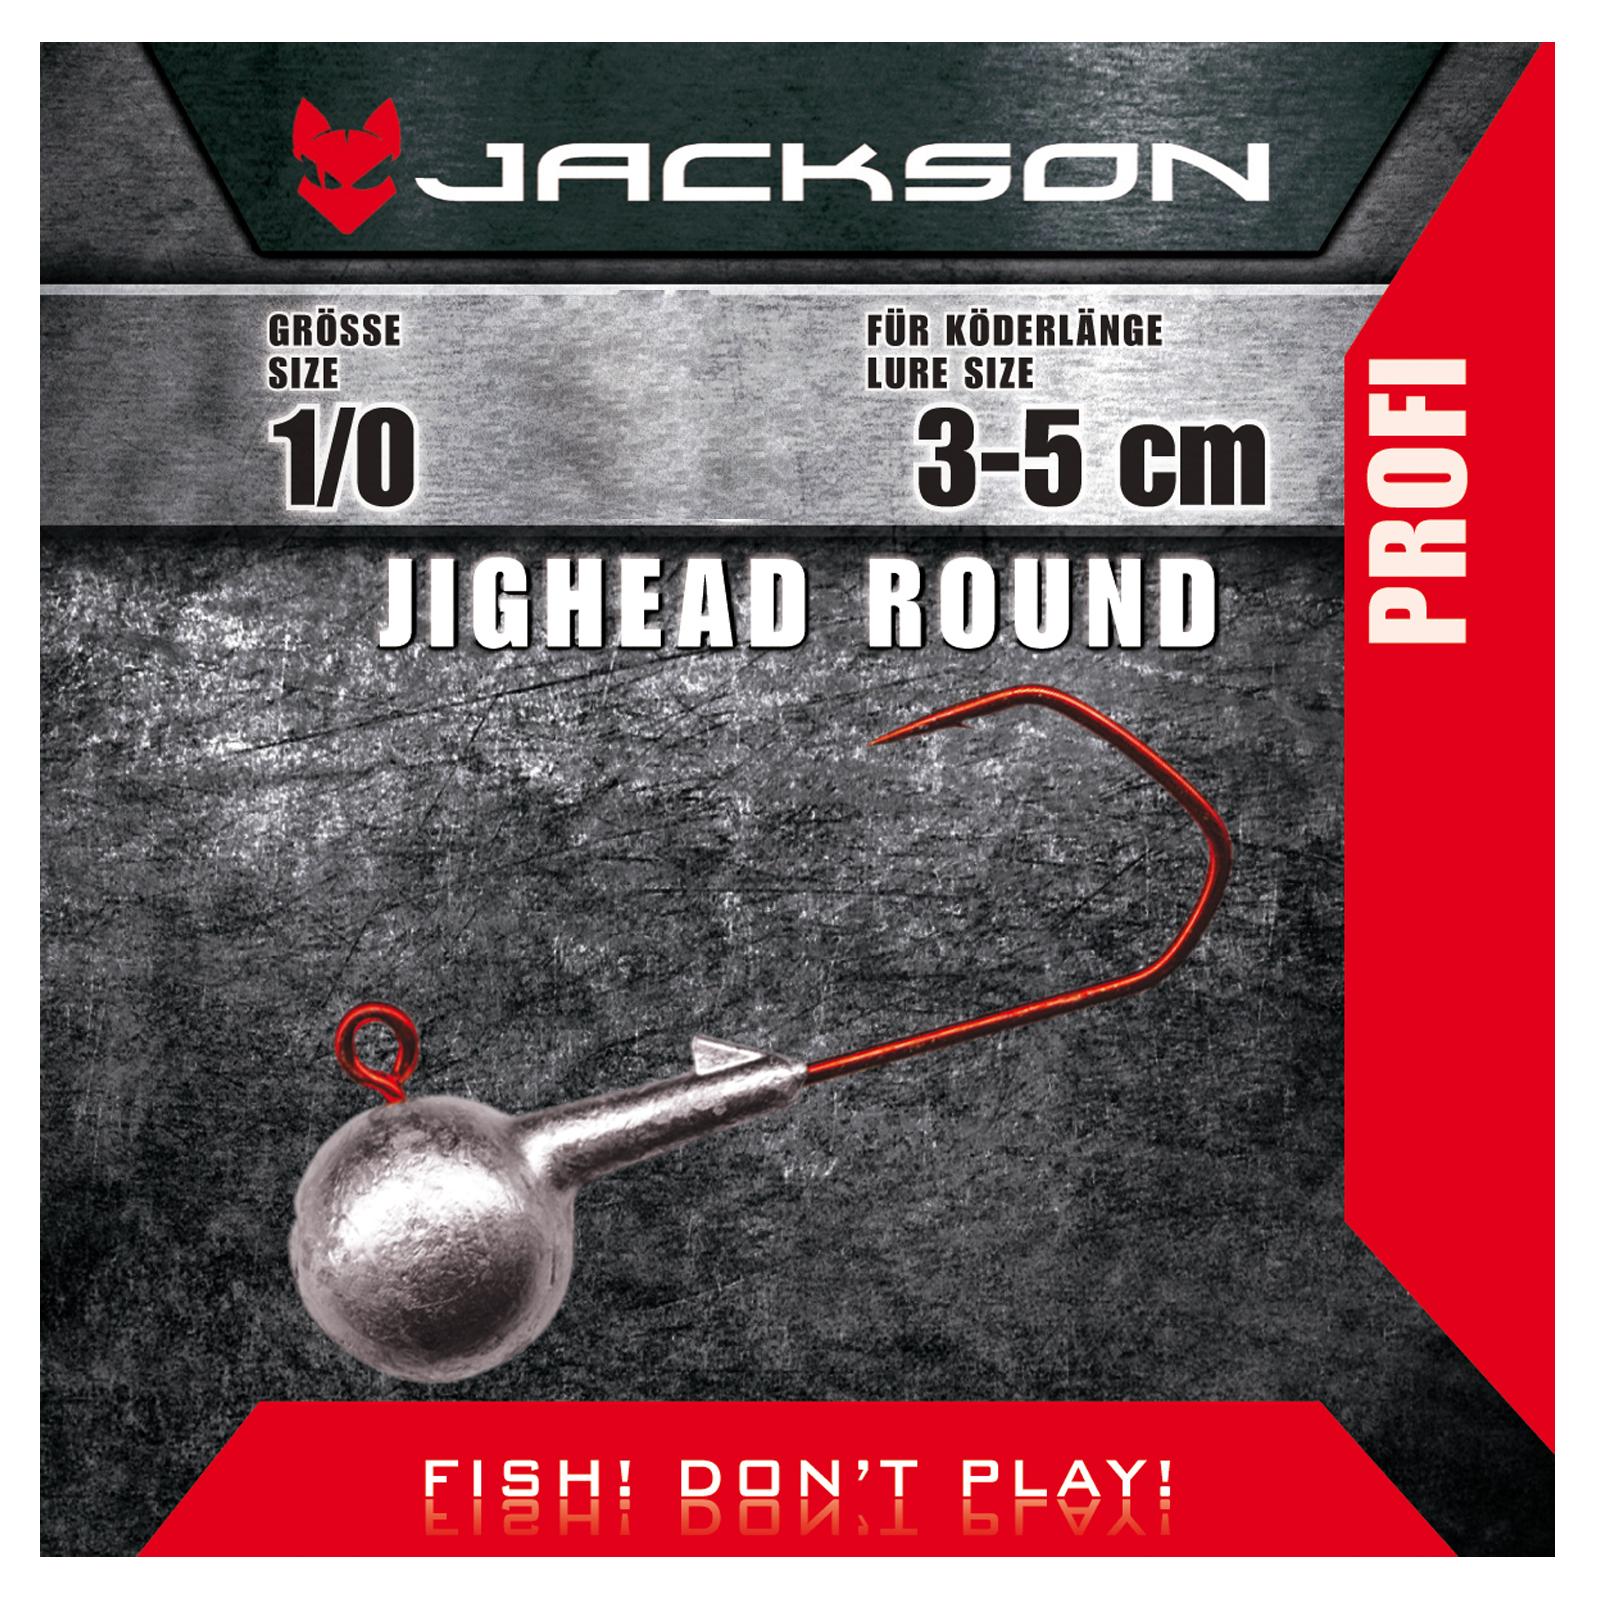 Jighead Round 1/0